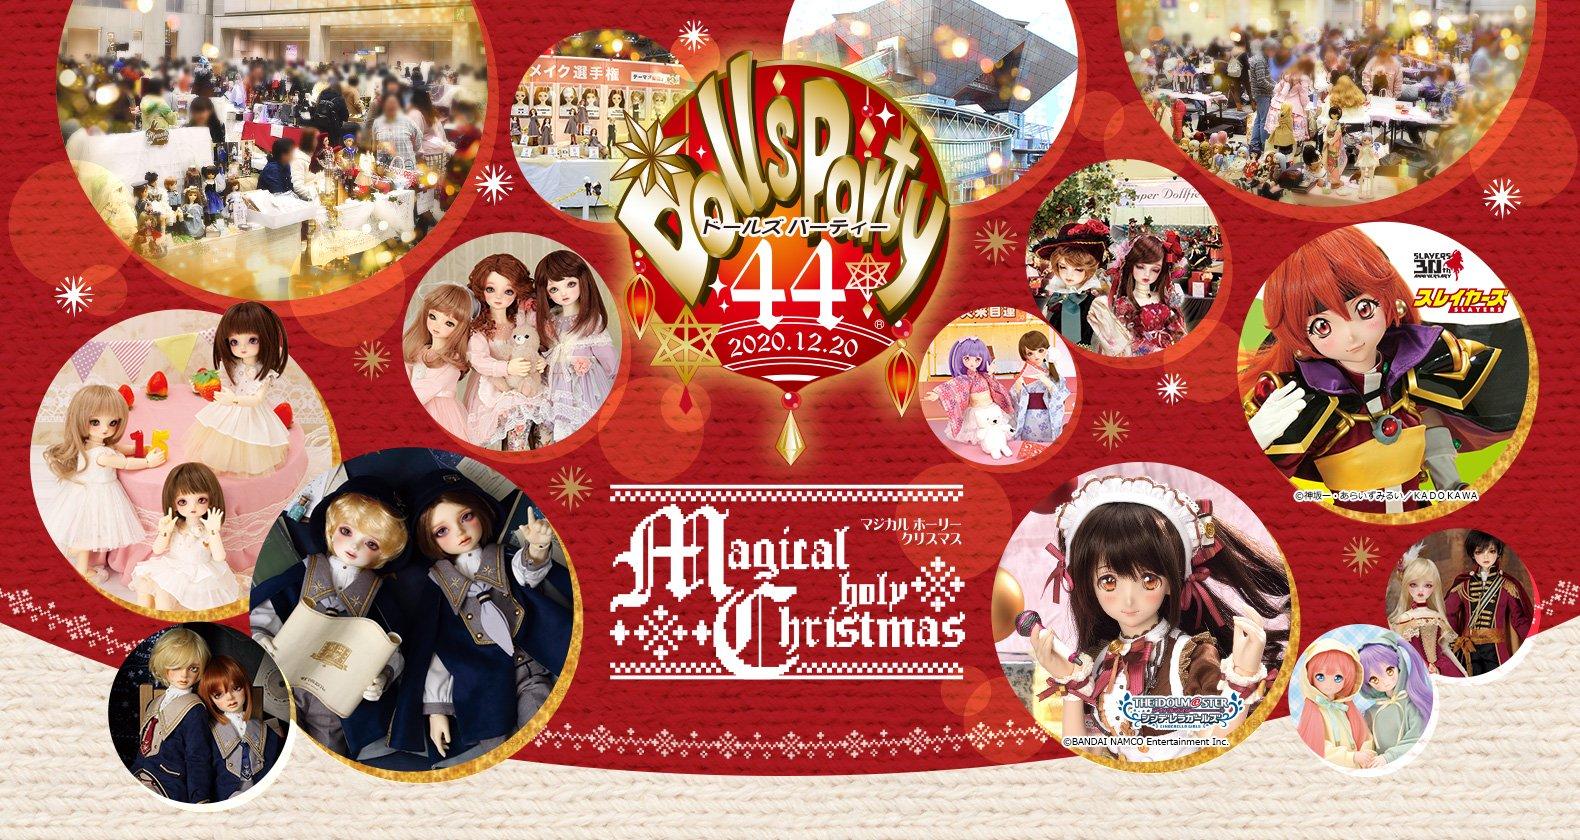 ドルパ44のテーマはMagical holy Christmas